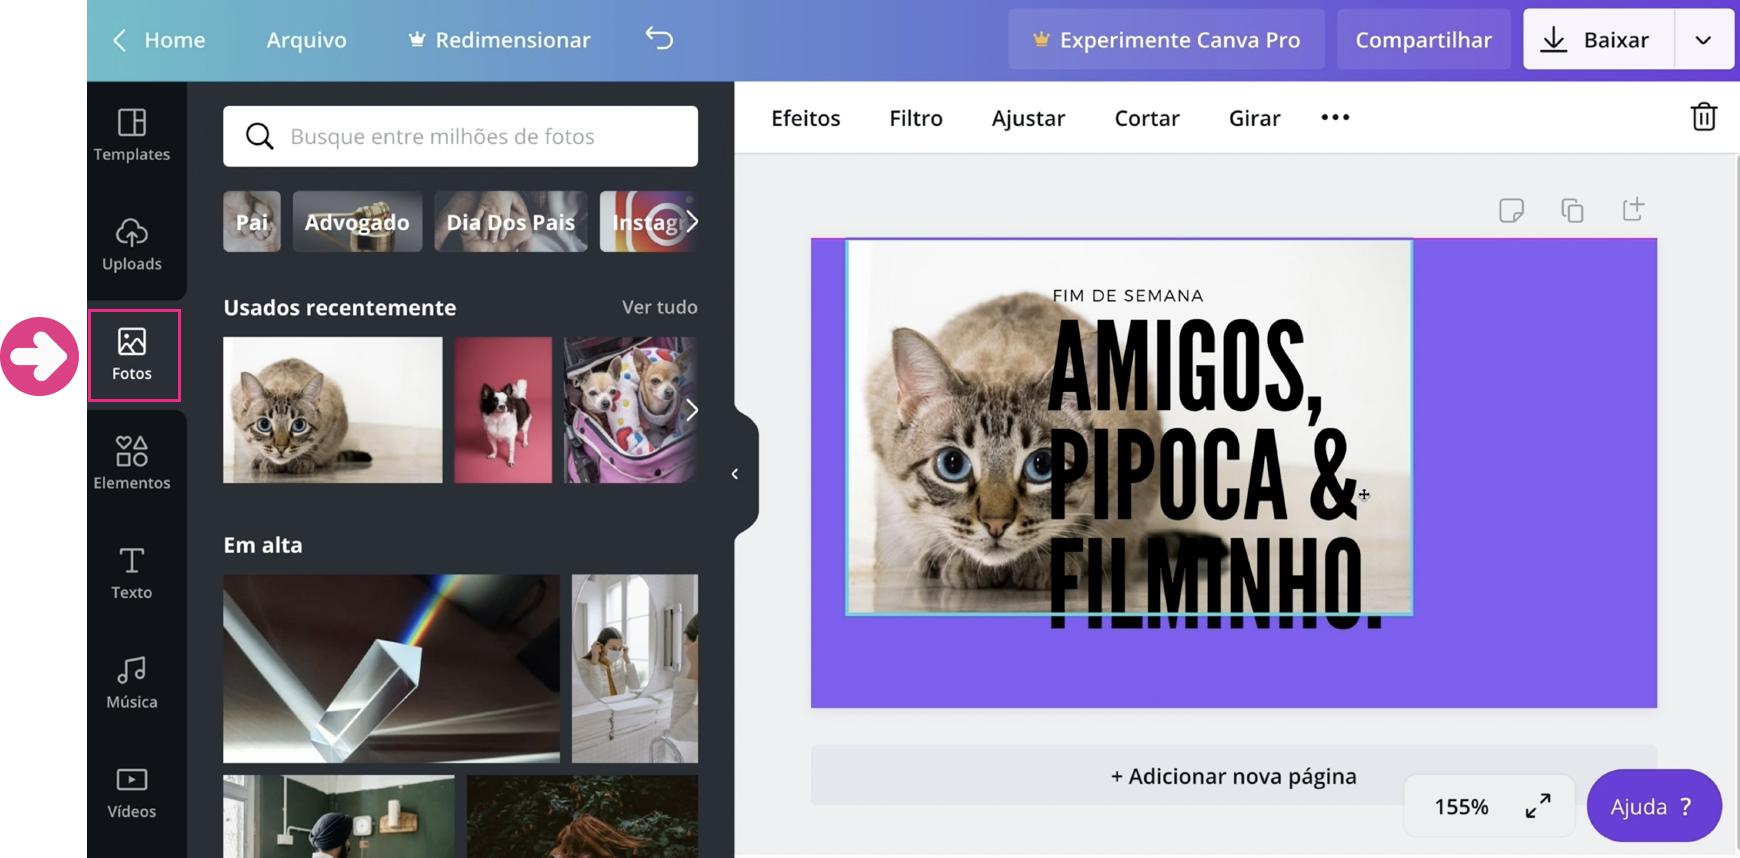 imagem6 como melhorar o visual da sua loja integrada sem comprar um tema